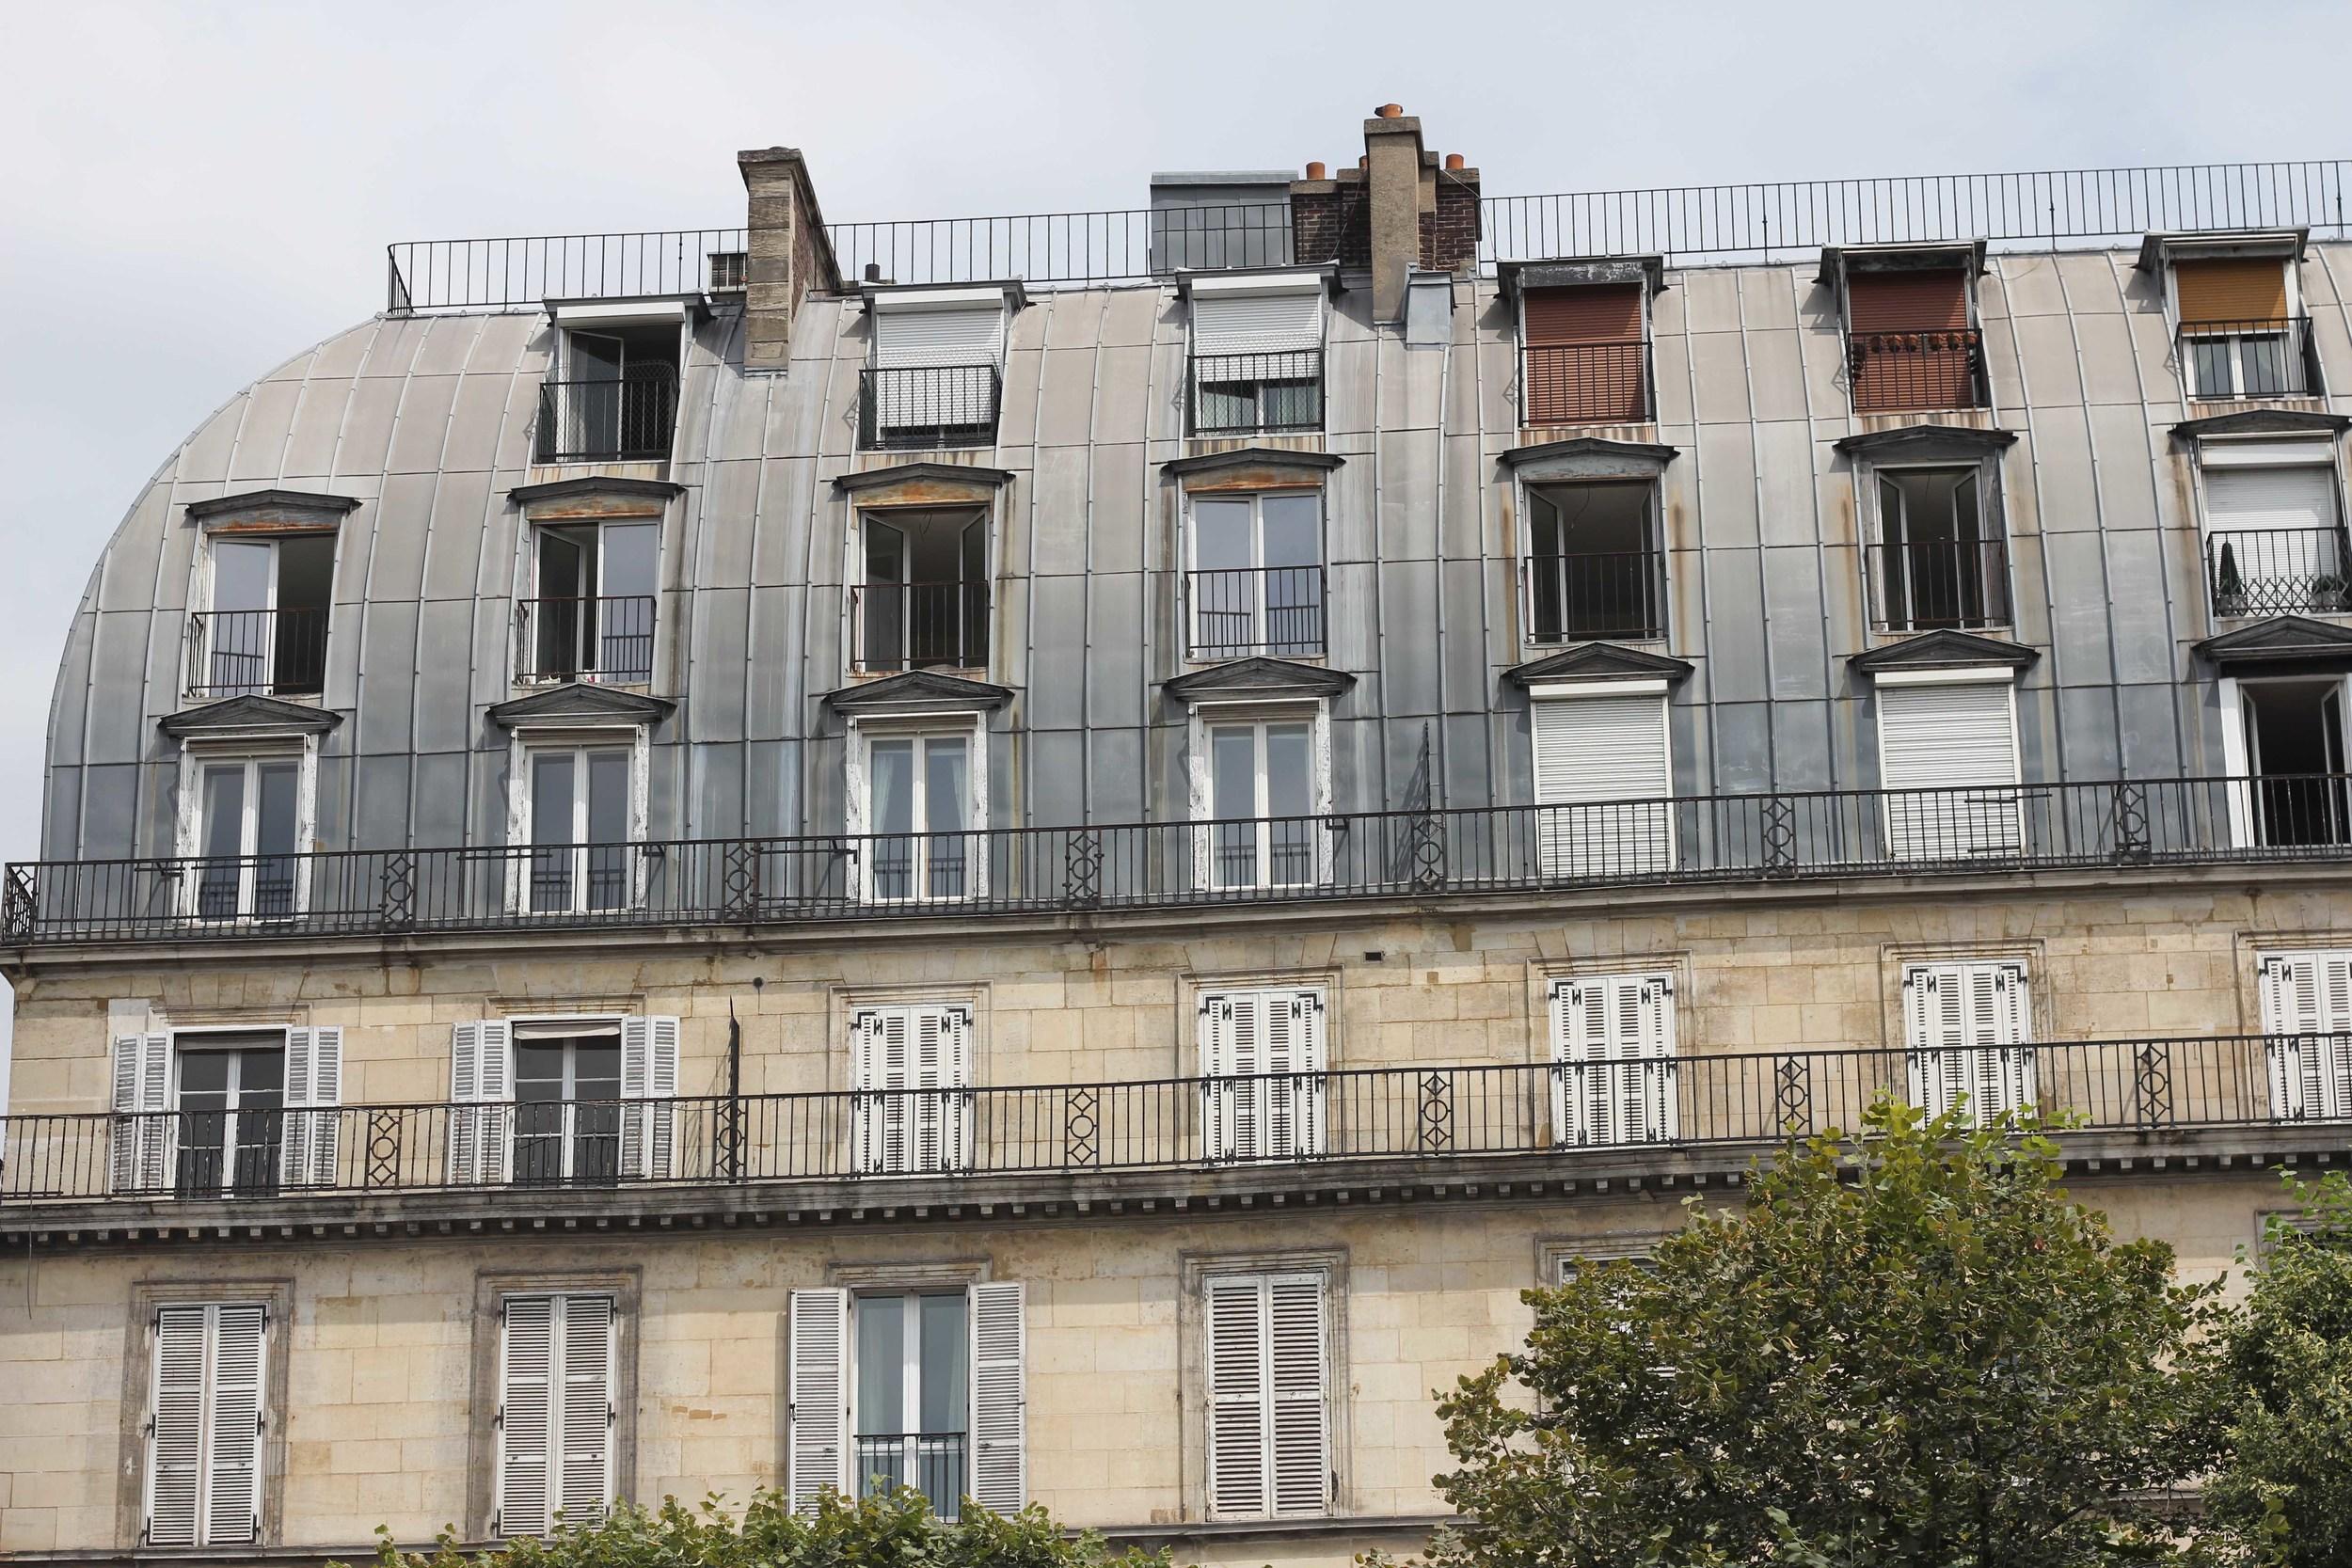 paris_streets_architecture_france